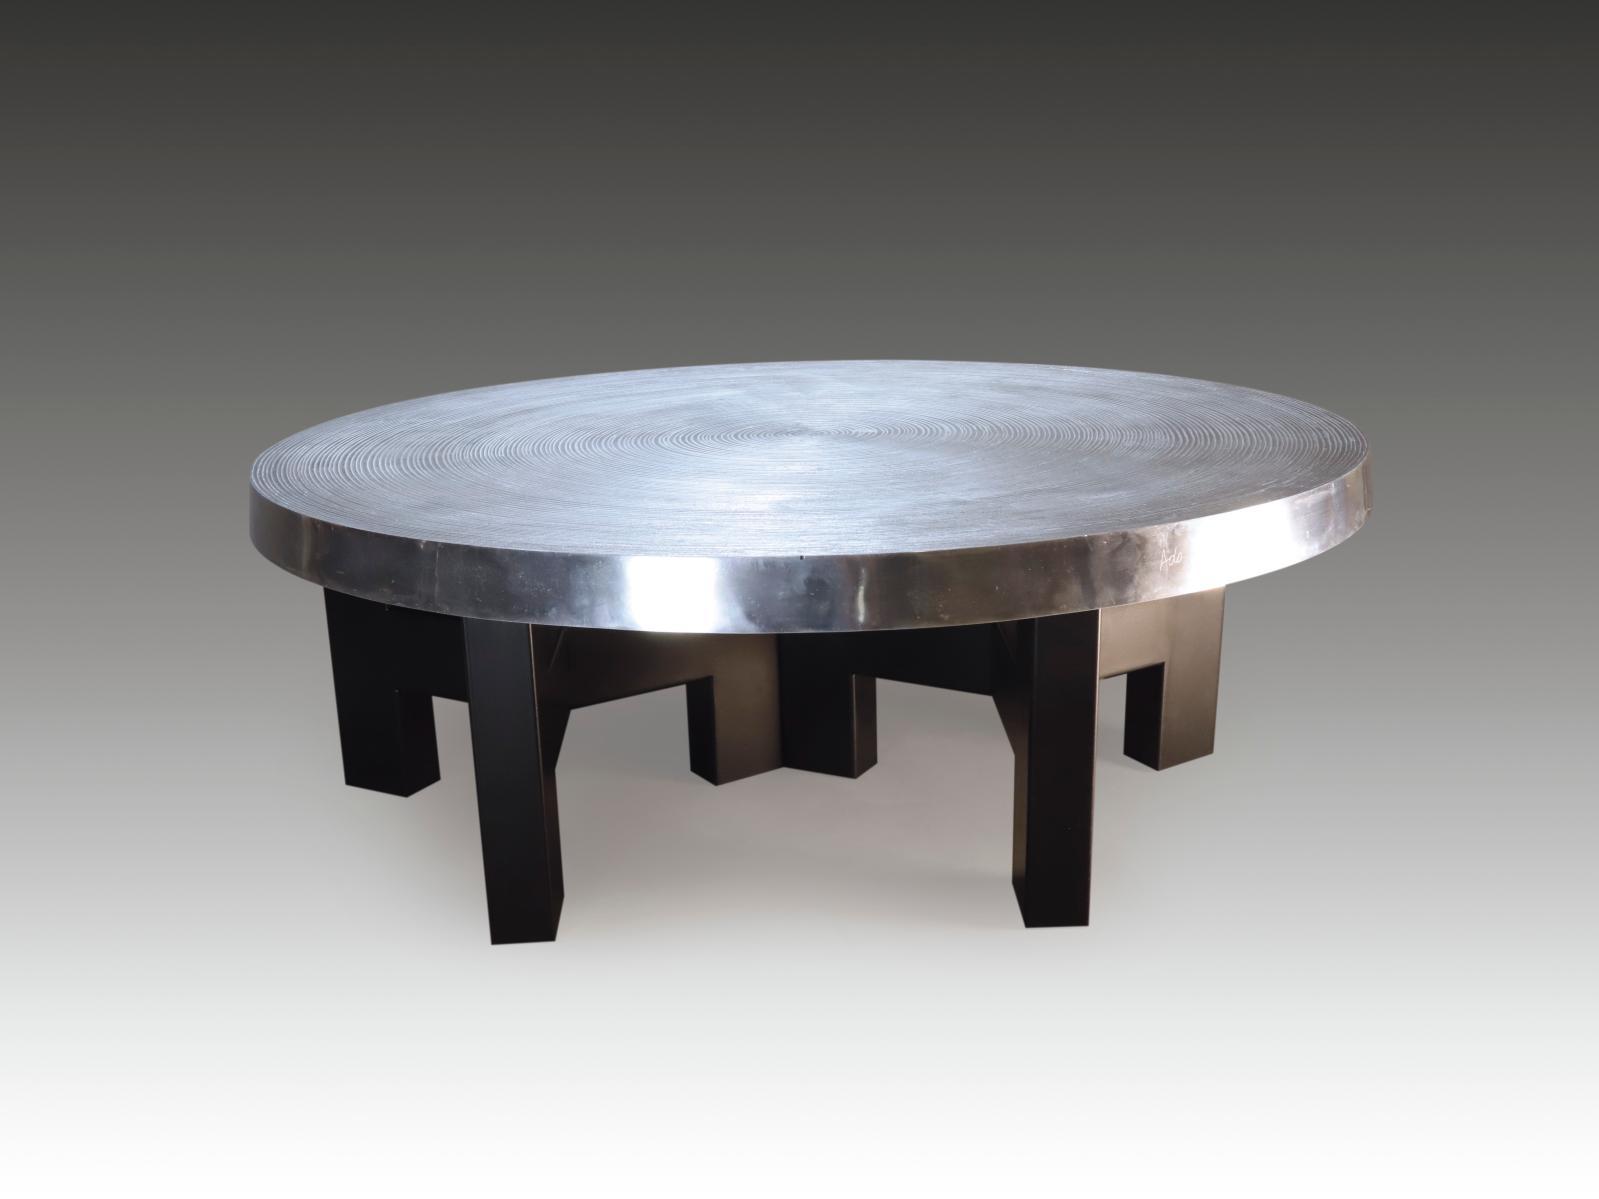 Ado Chale(né en 1928), table basse Goutte d'eau, plateau en fonte d'aluminium à décor concentrique de type «microsillons» sur le dessus,